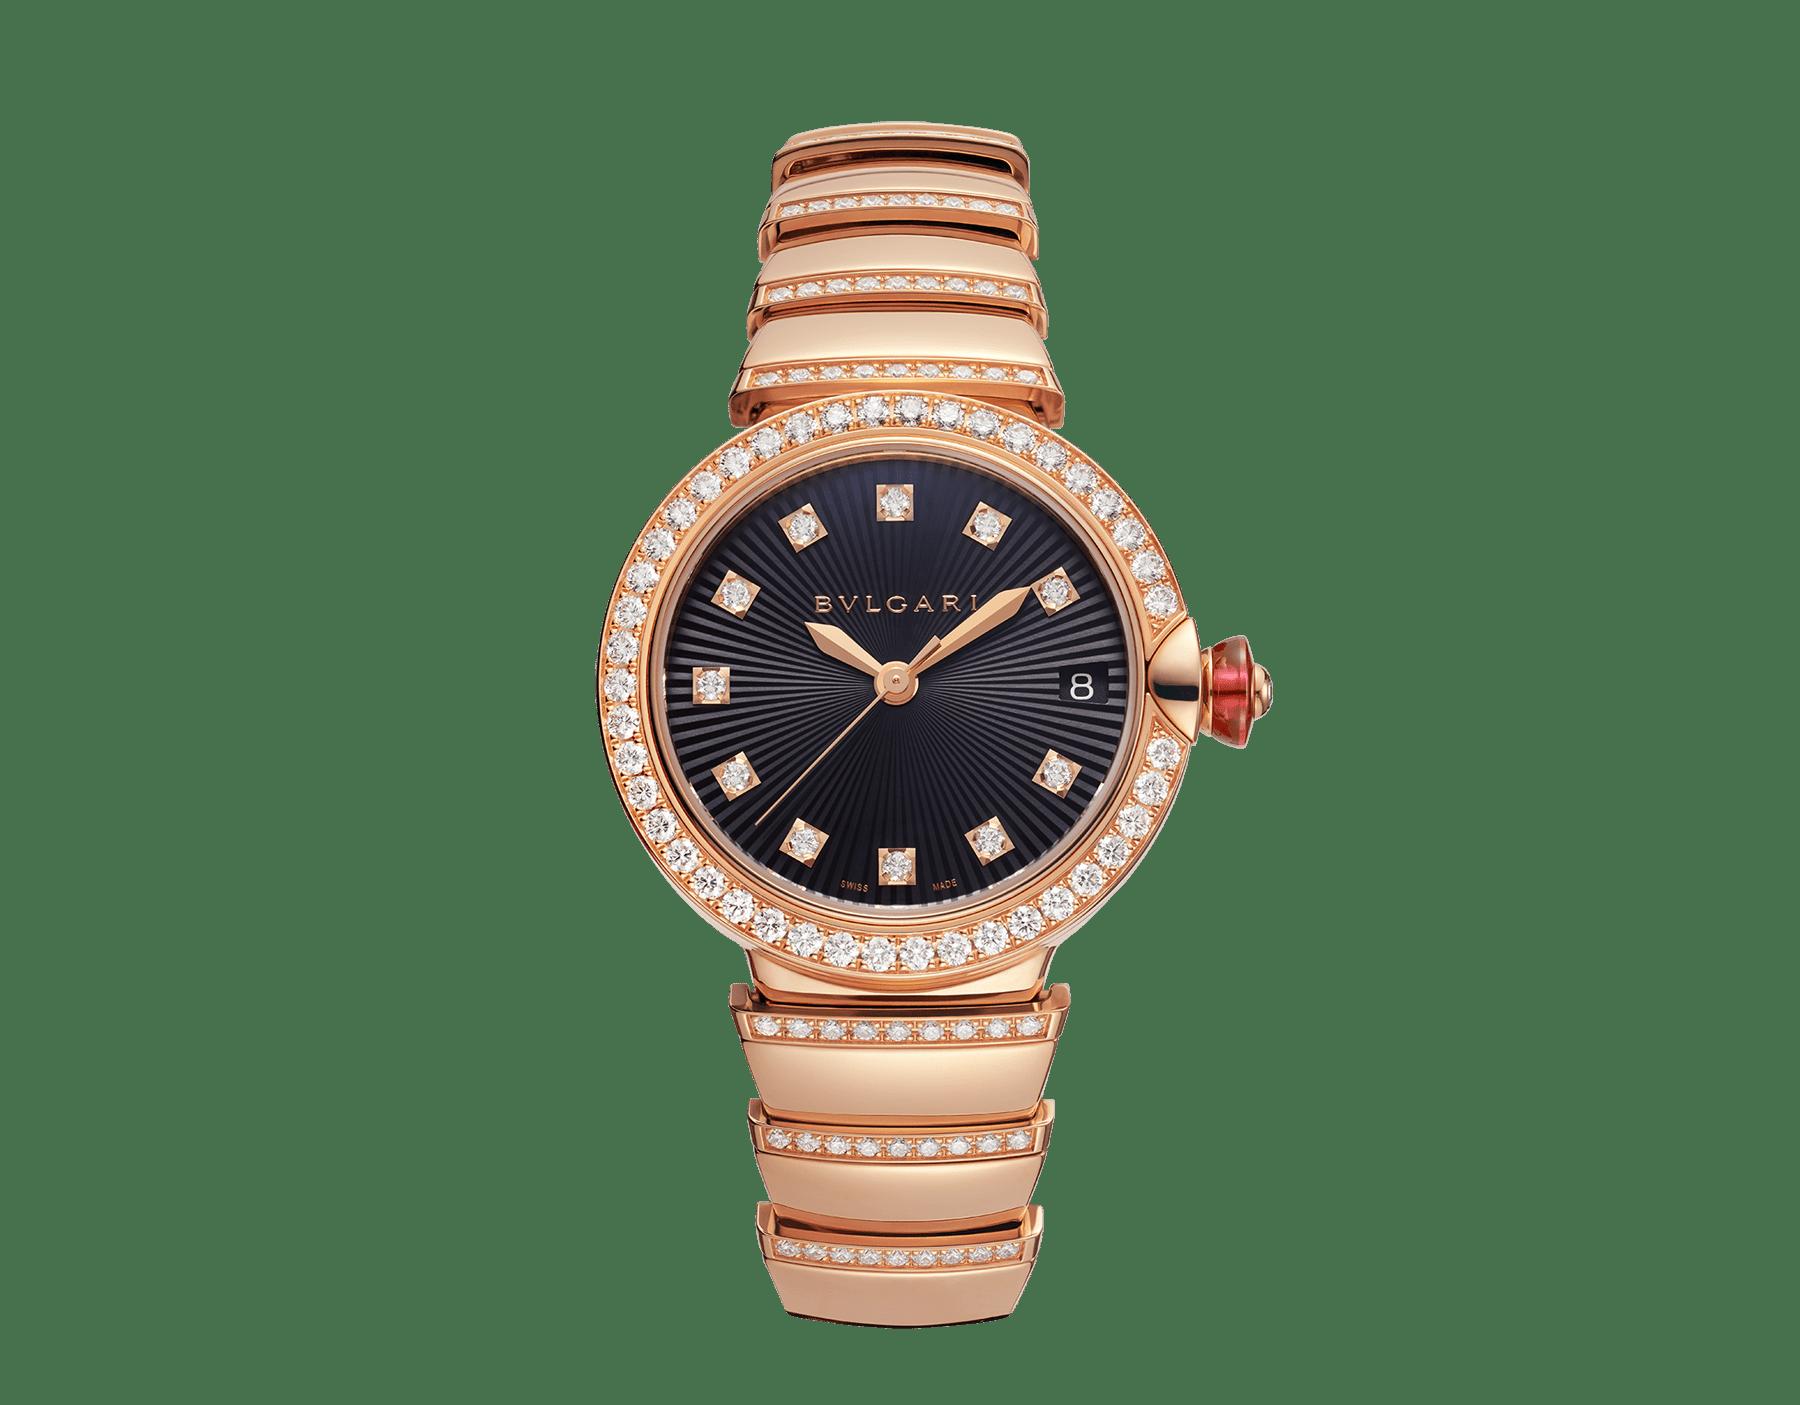 LVCEA 腕錶,18K 玫瑰金錶殼和錶帶鑲飾明亮型切割鑽石,黑色蛋白石錶盤。 102191 image 1